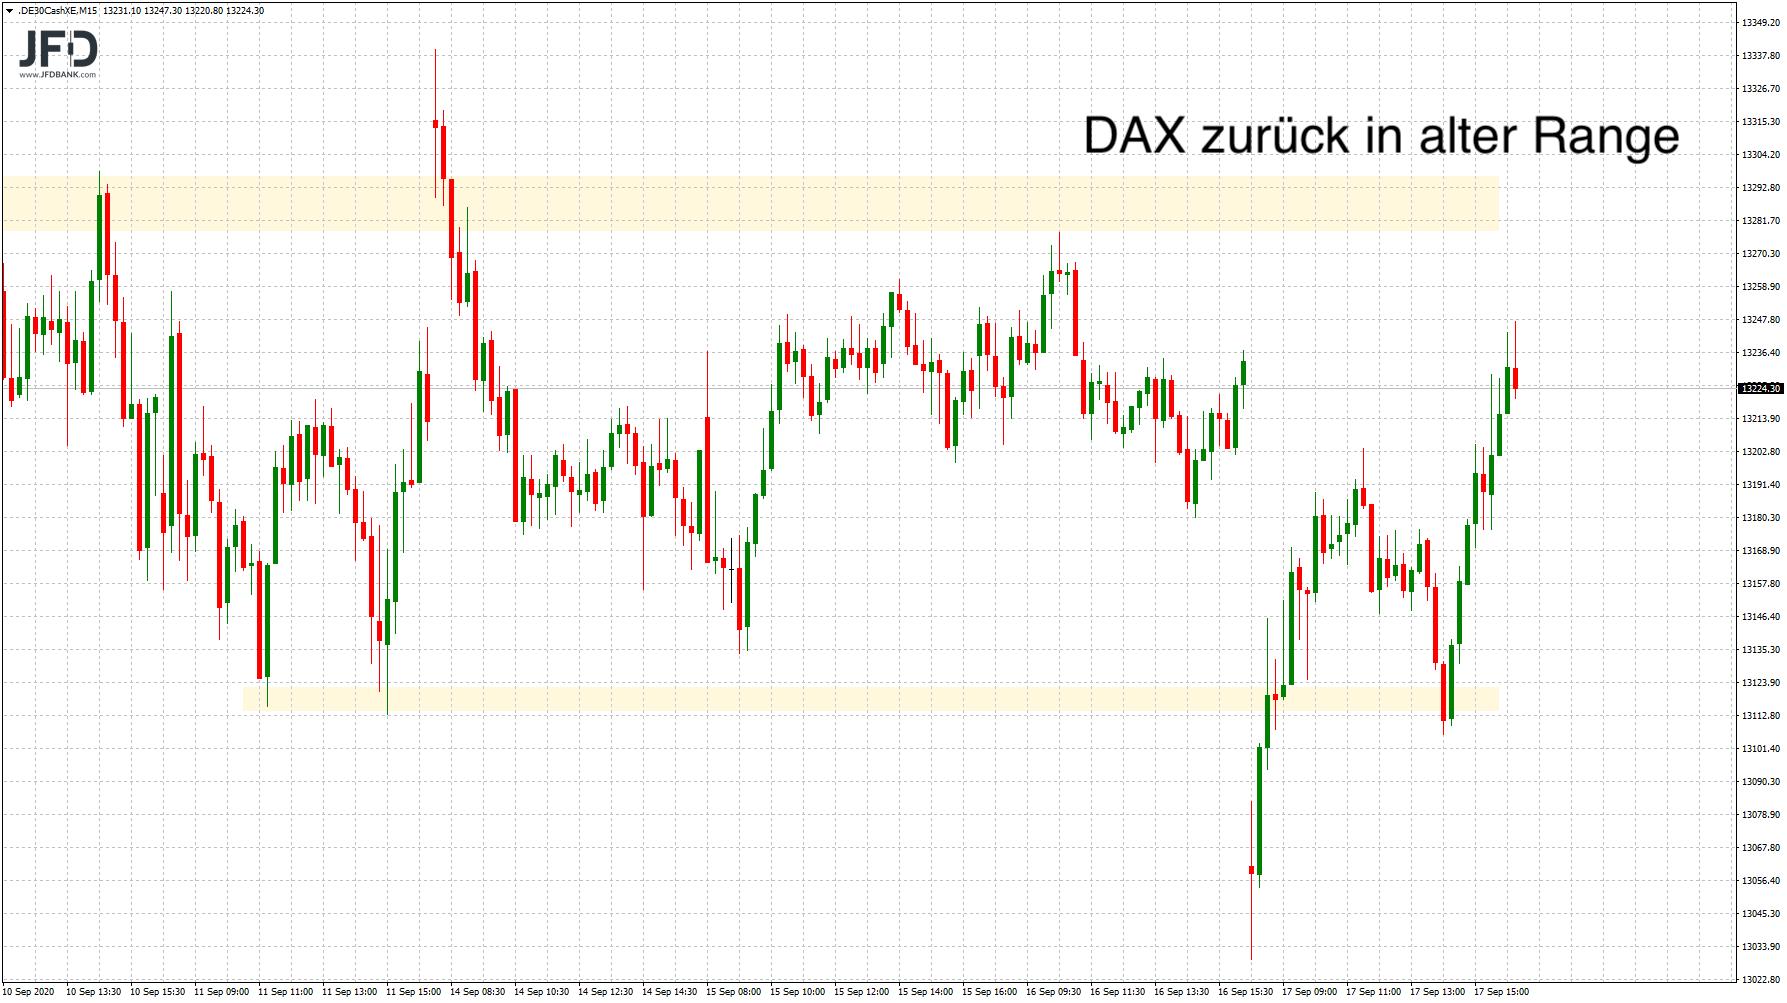 DAX mittelfristig wieder in bekannter Range